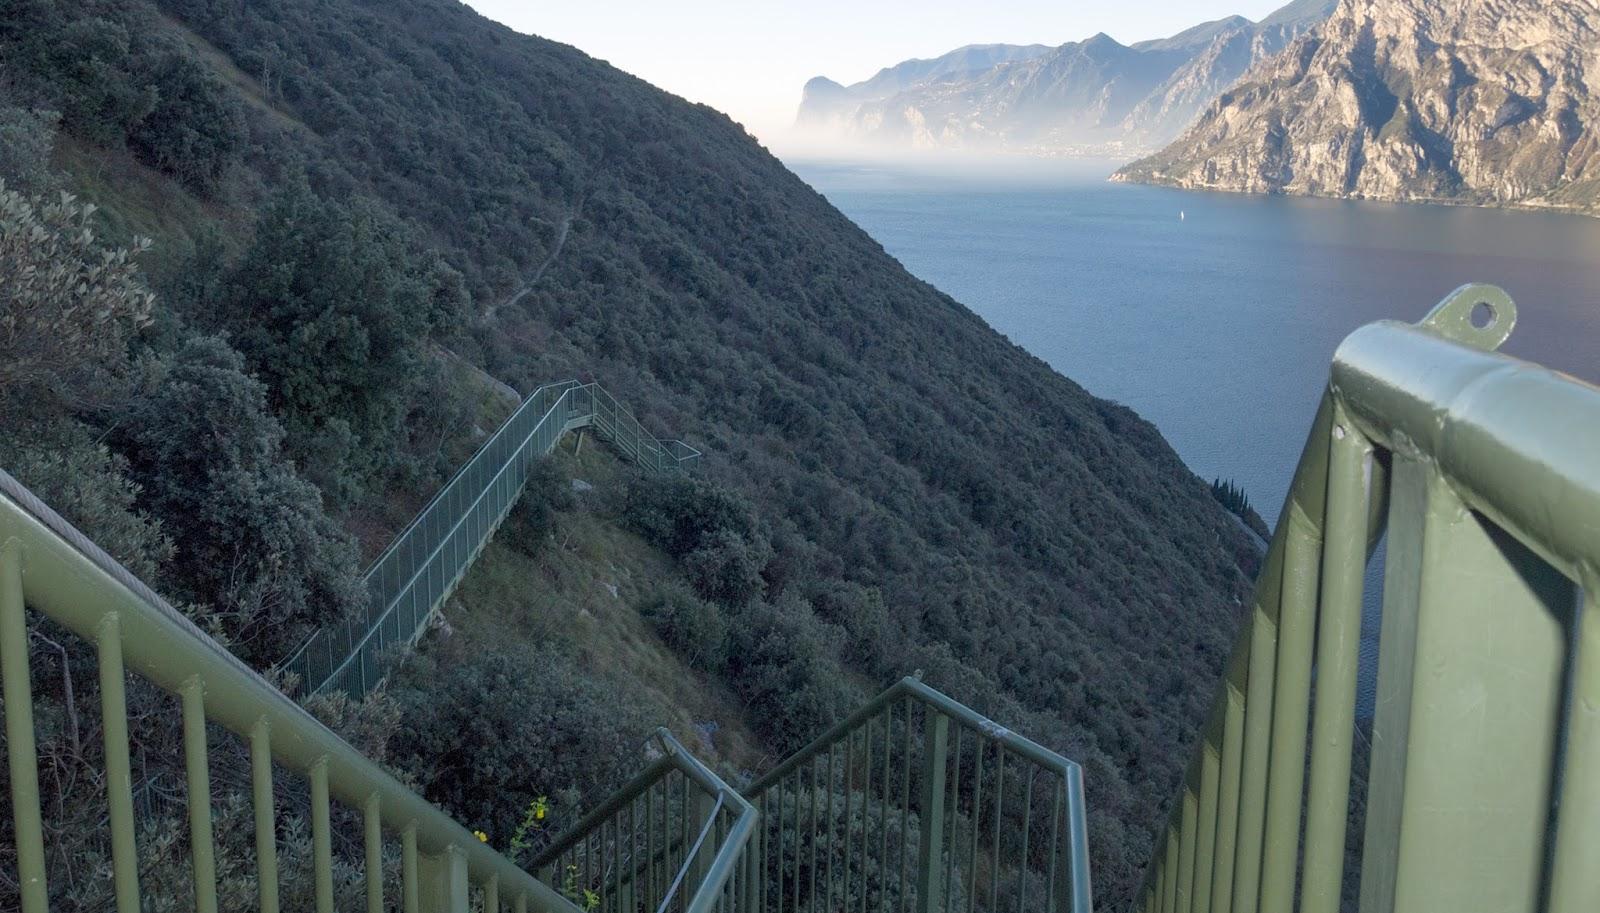 sentiero delle scale a Torbole